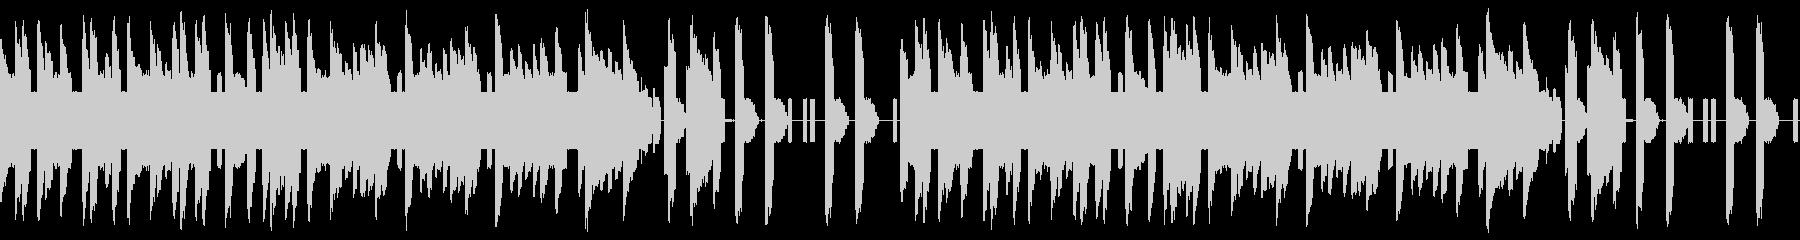 FC風ループ 結果の発表の未再生の波形